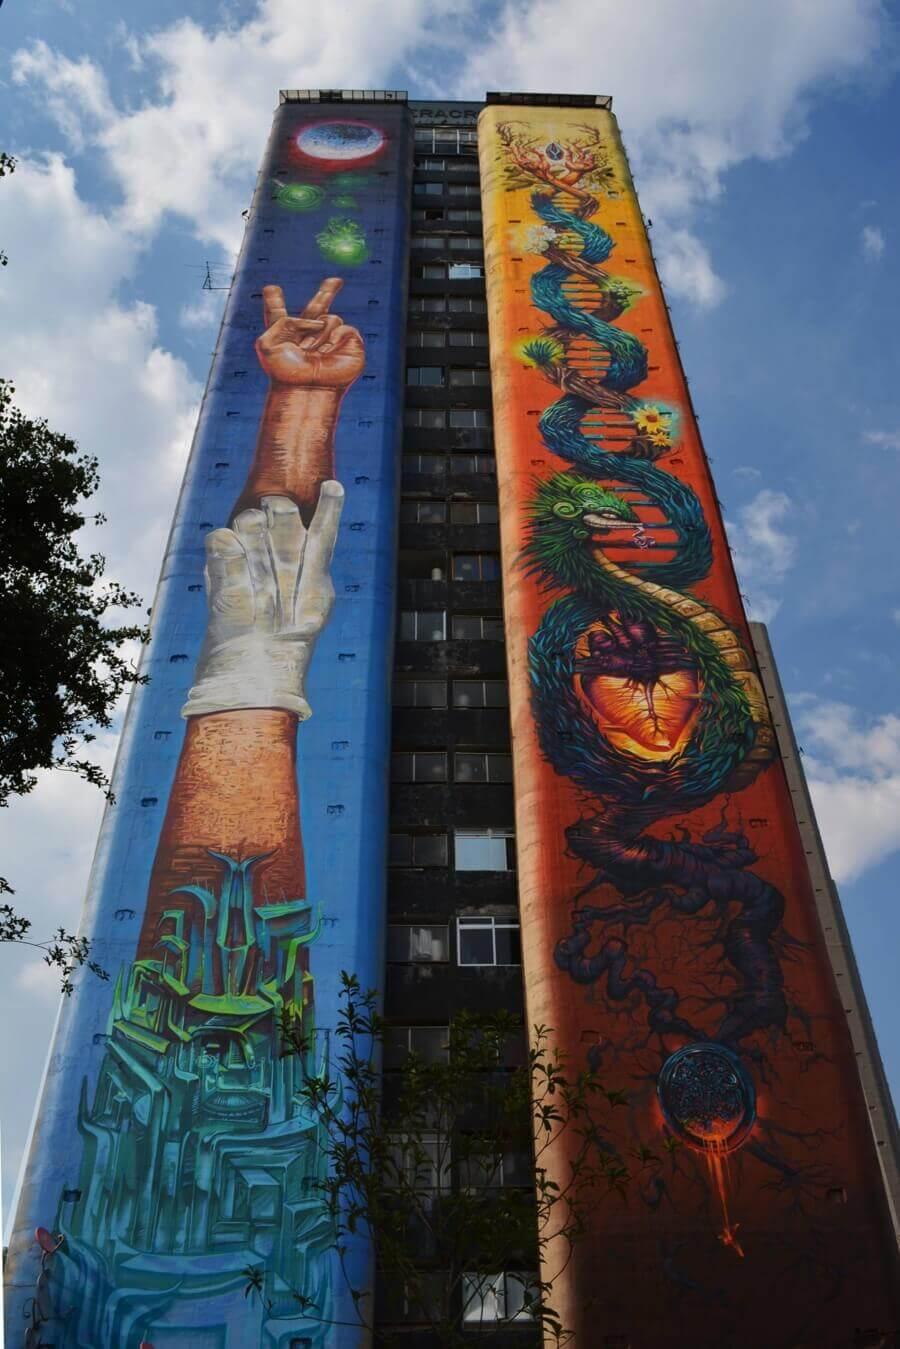 Xfamilia mural in Tlatelolco